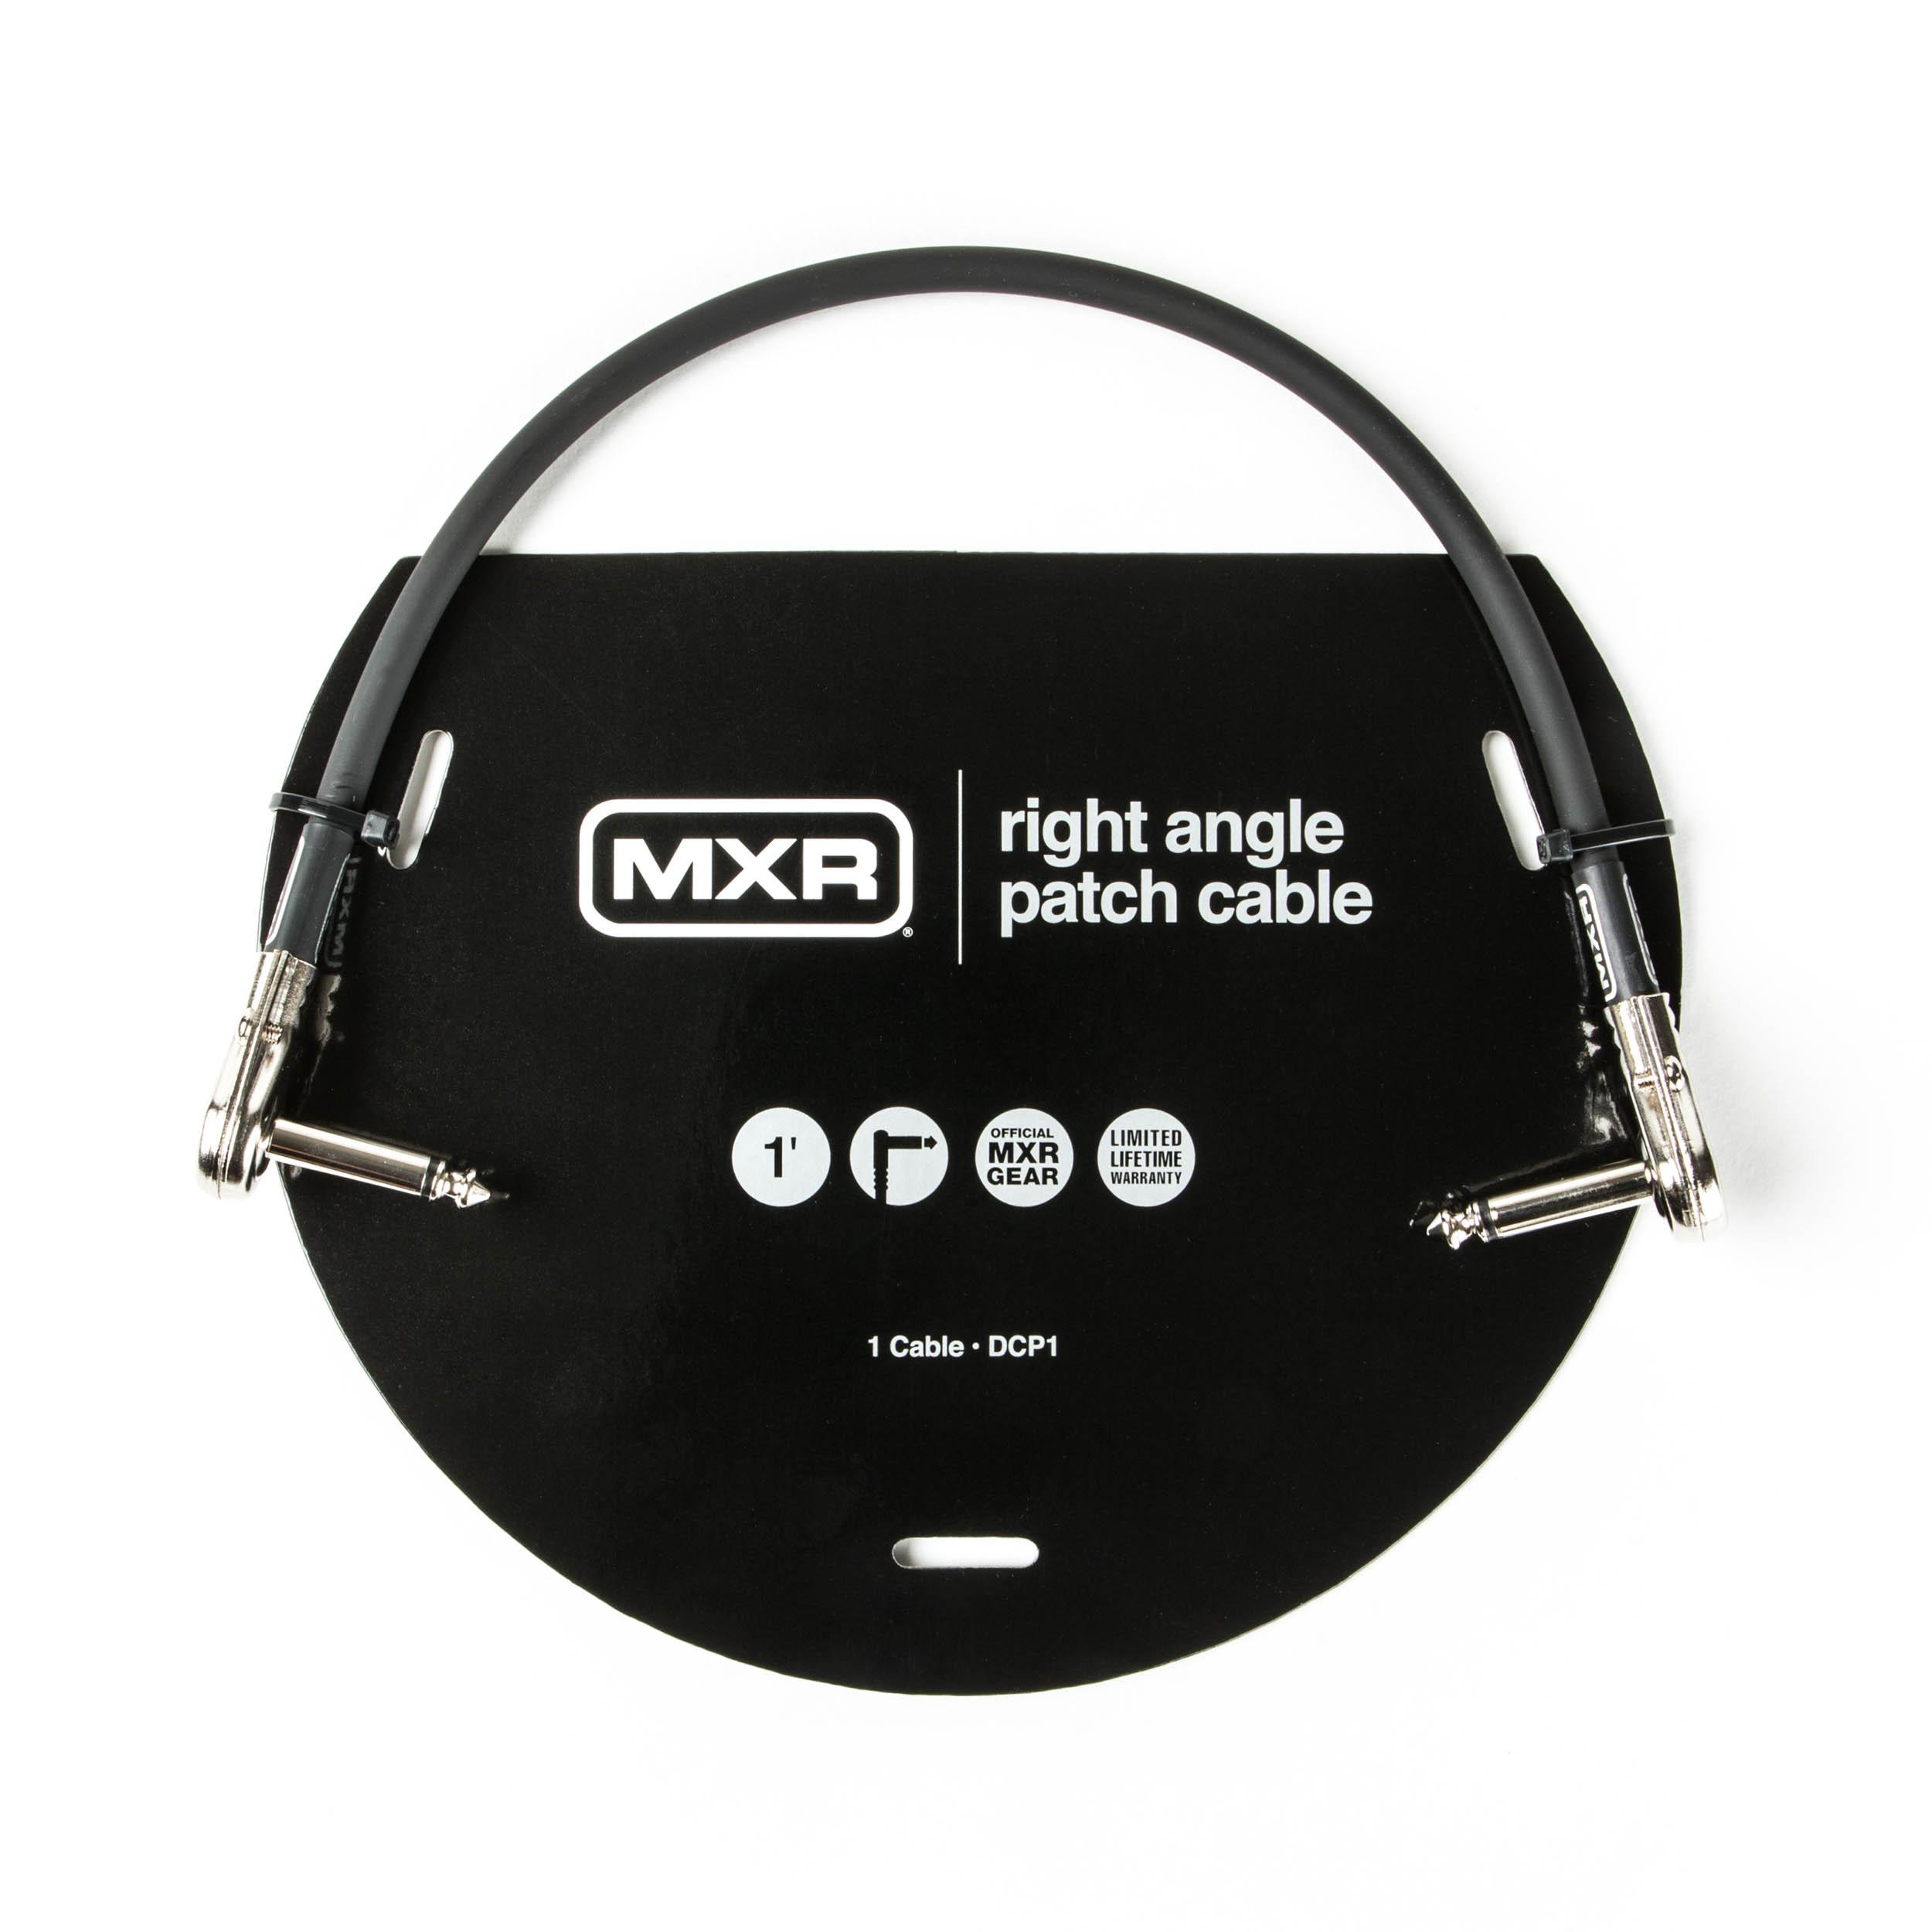 MXR DCP1 PATCH kabel, 1ft